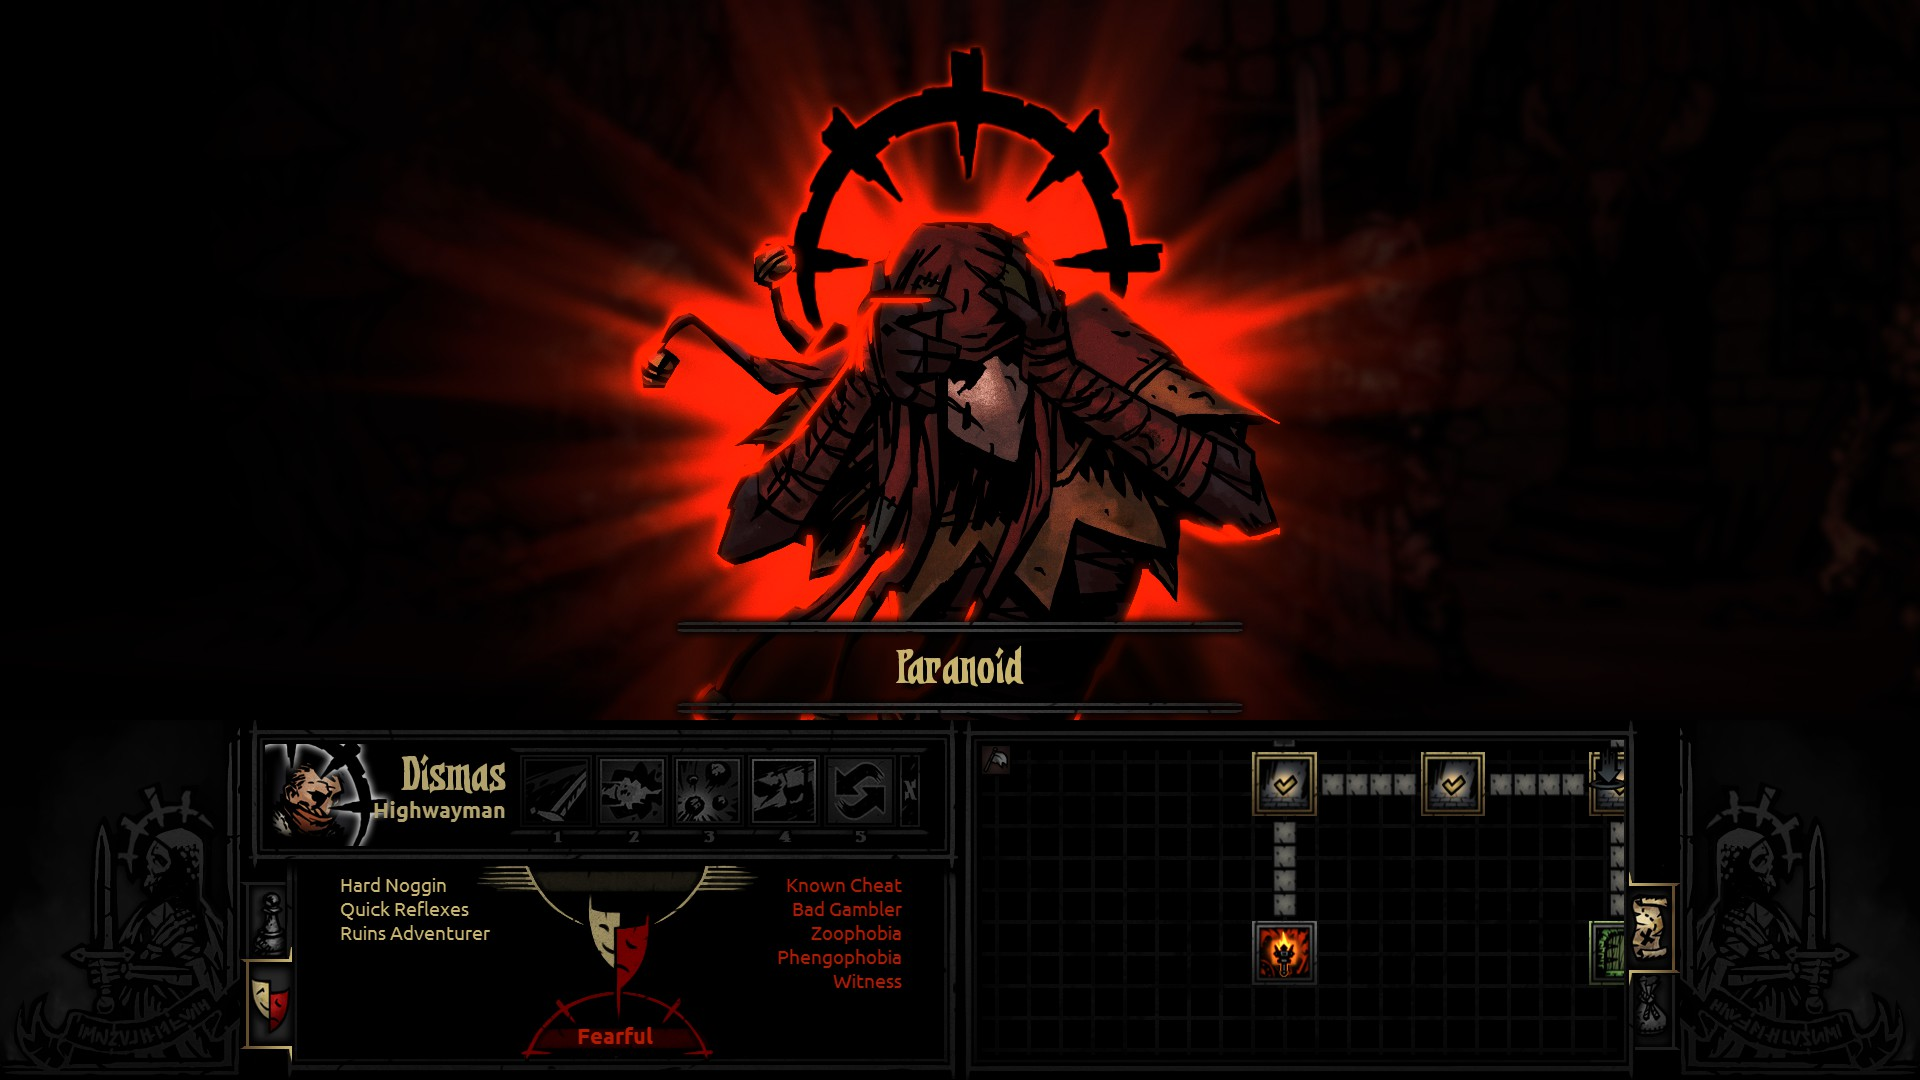 Darkest Dungeon: Jester Wallpapers hd